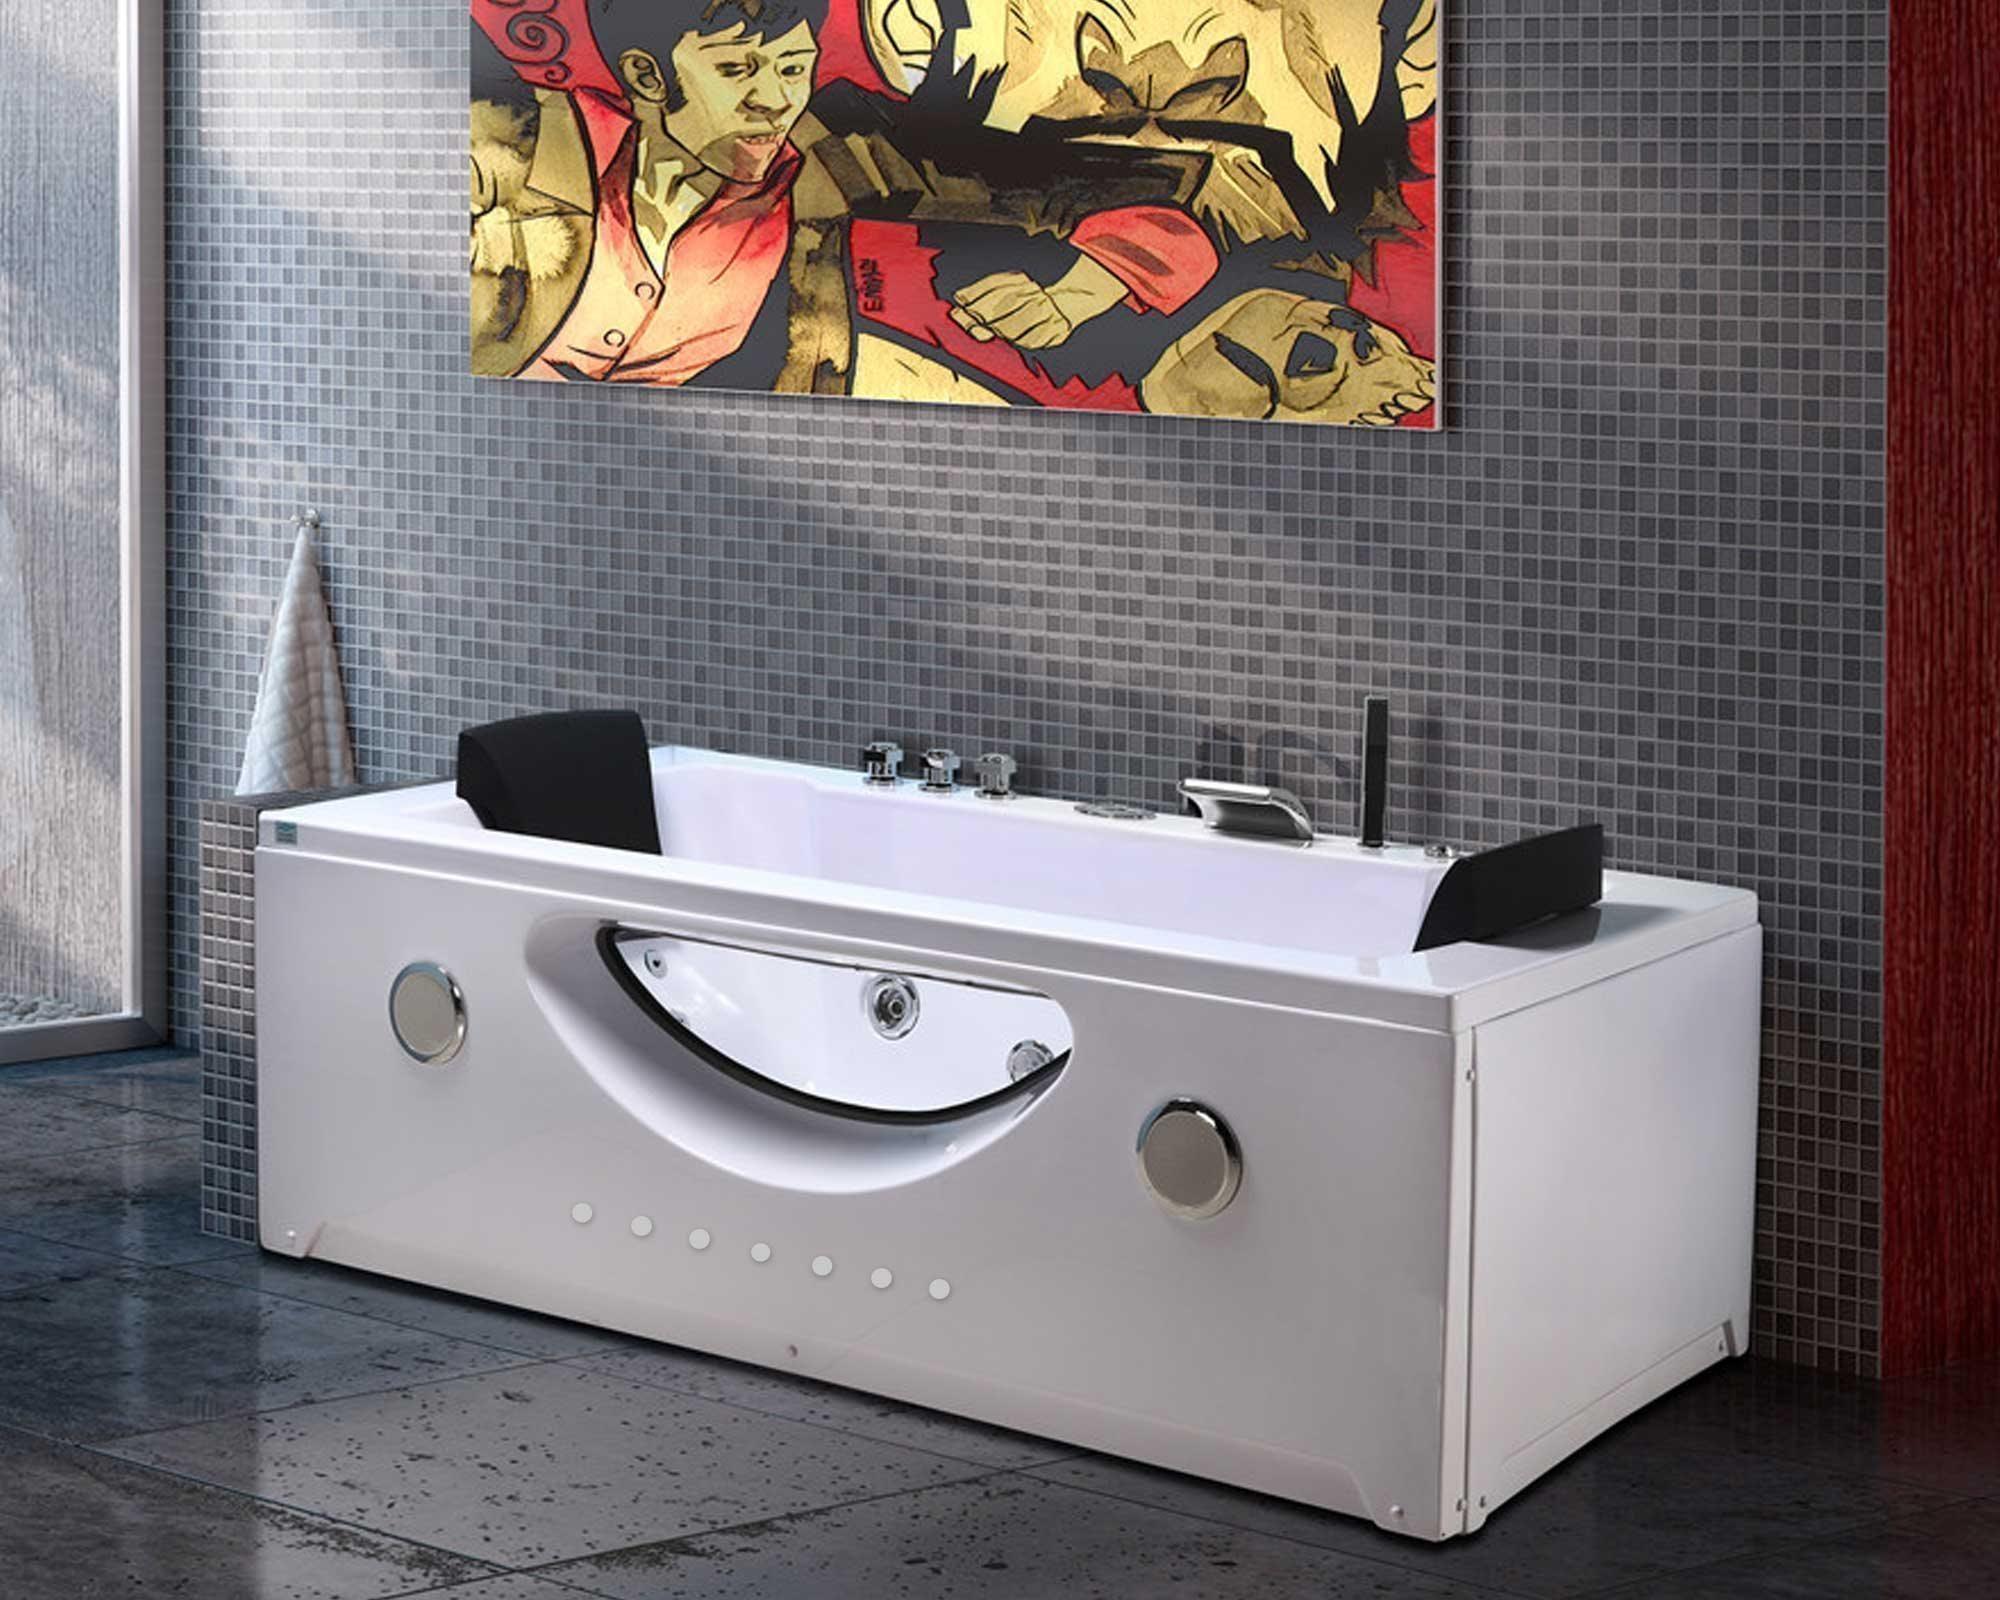 Bubbelbadkar hörn massagebadkar för 2 personer 180 x 190 cm - HARMONY Simba